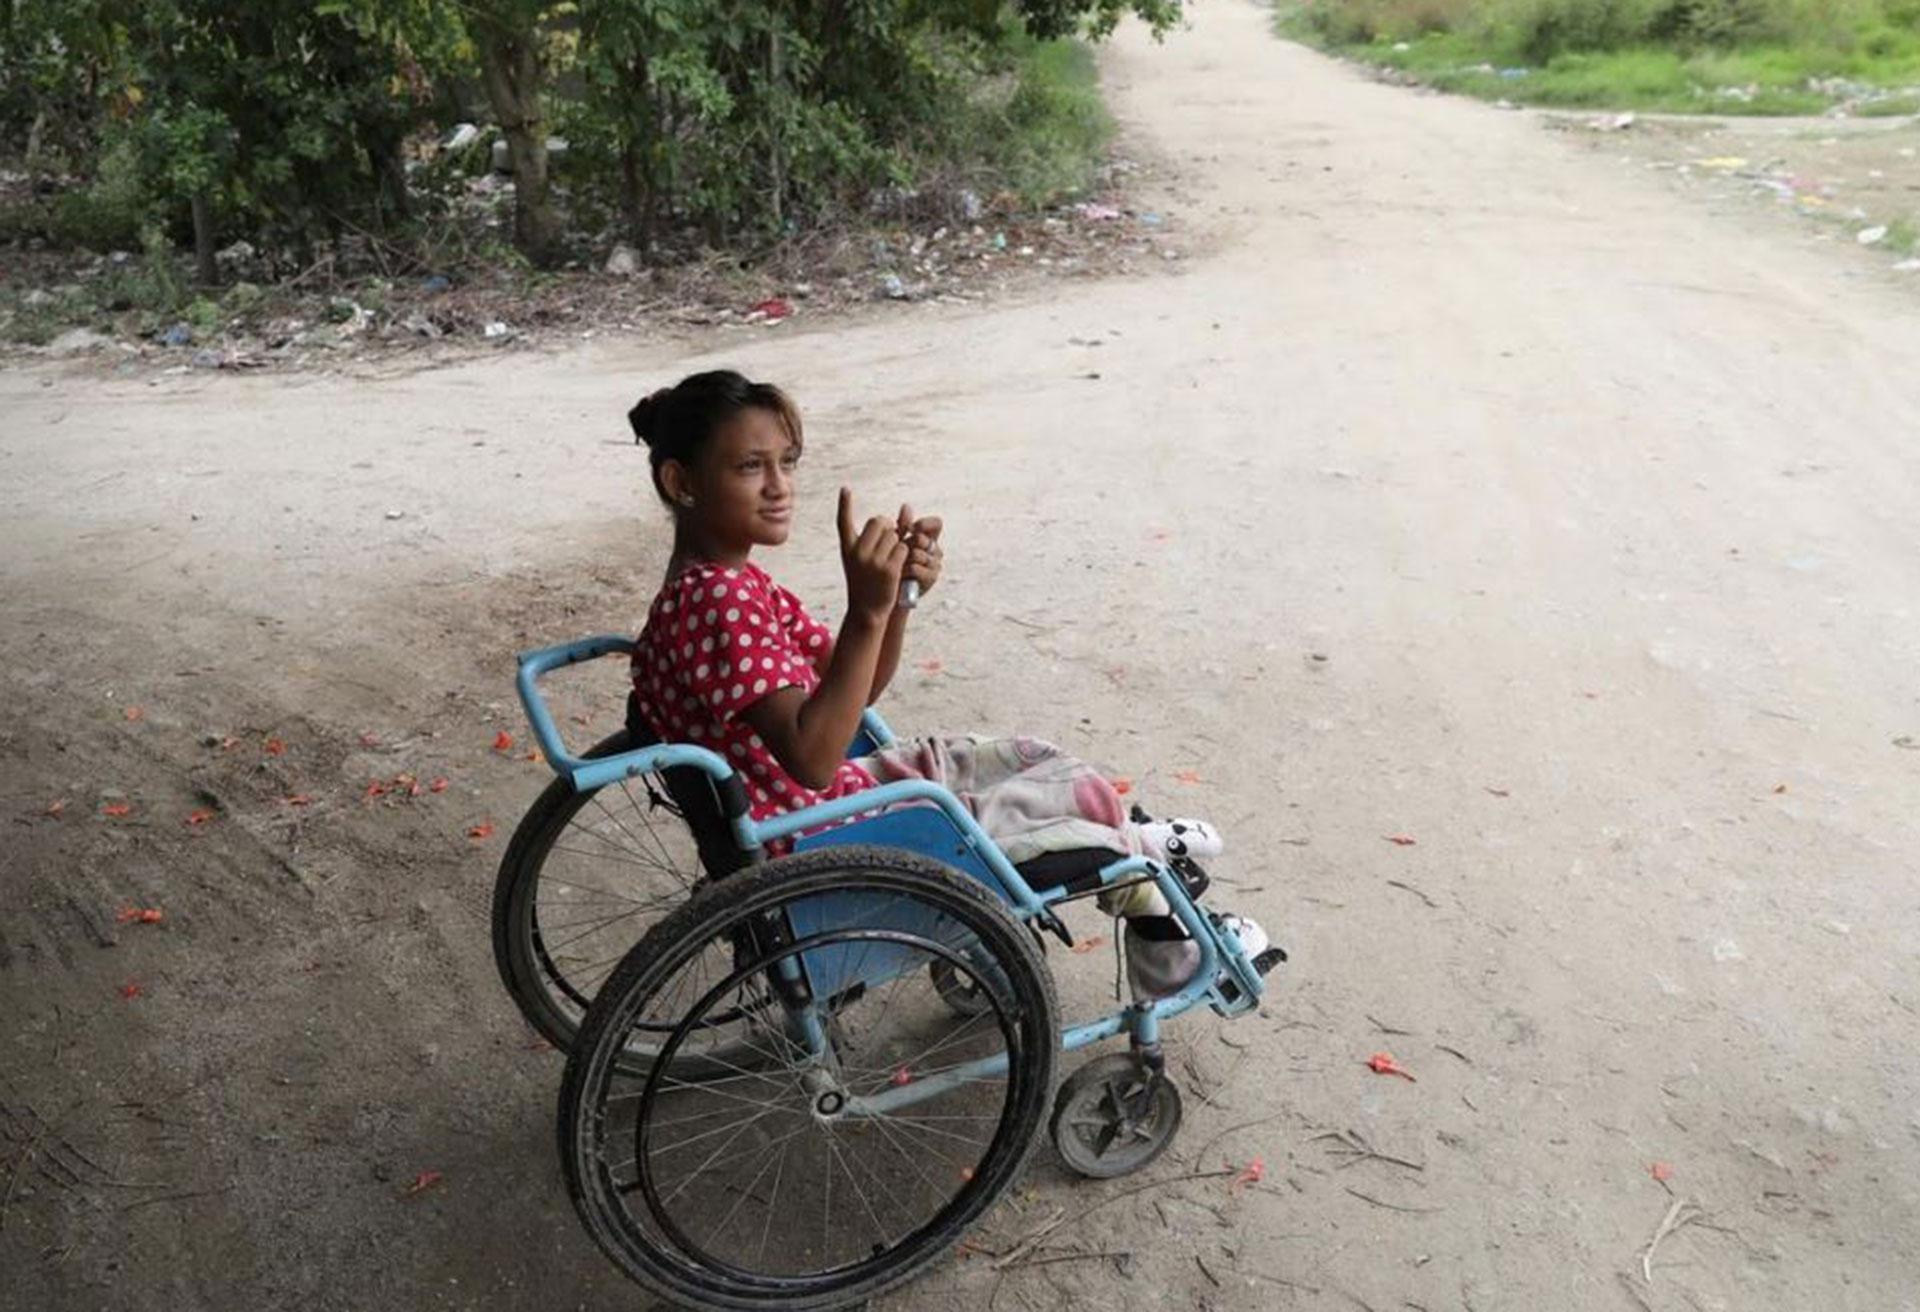 Una mujer en silla de rueda es fotografiada en un lugar donde se pelean pandillas